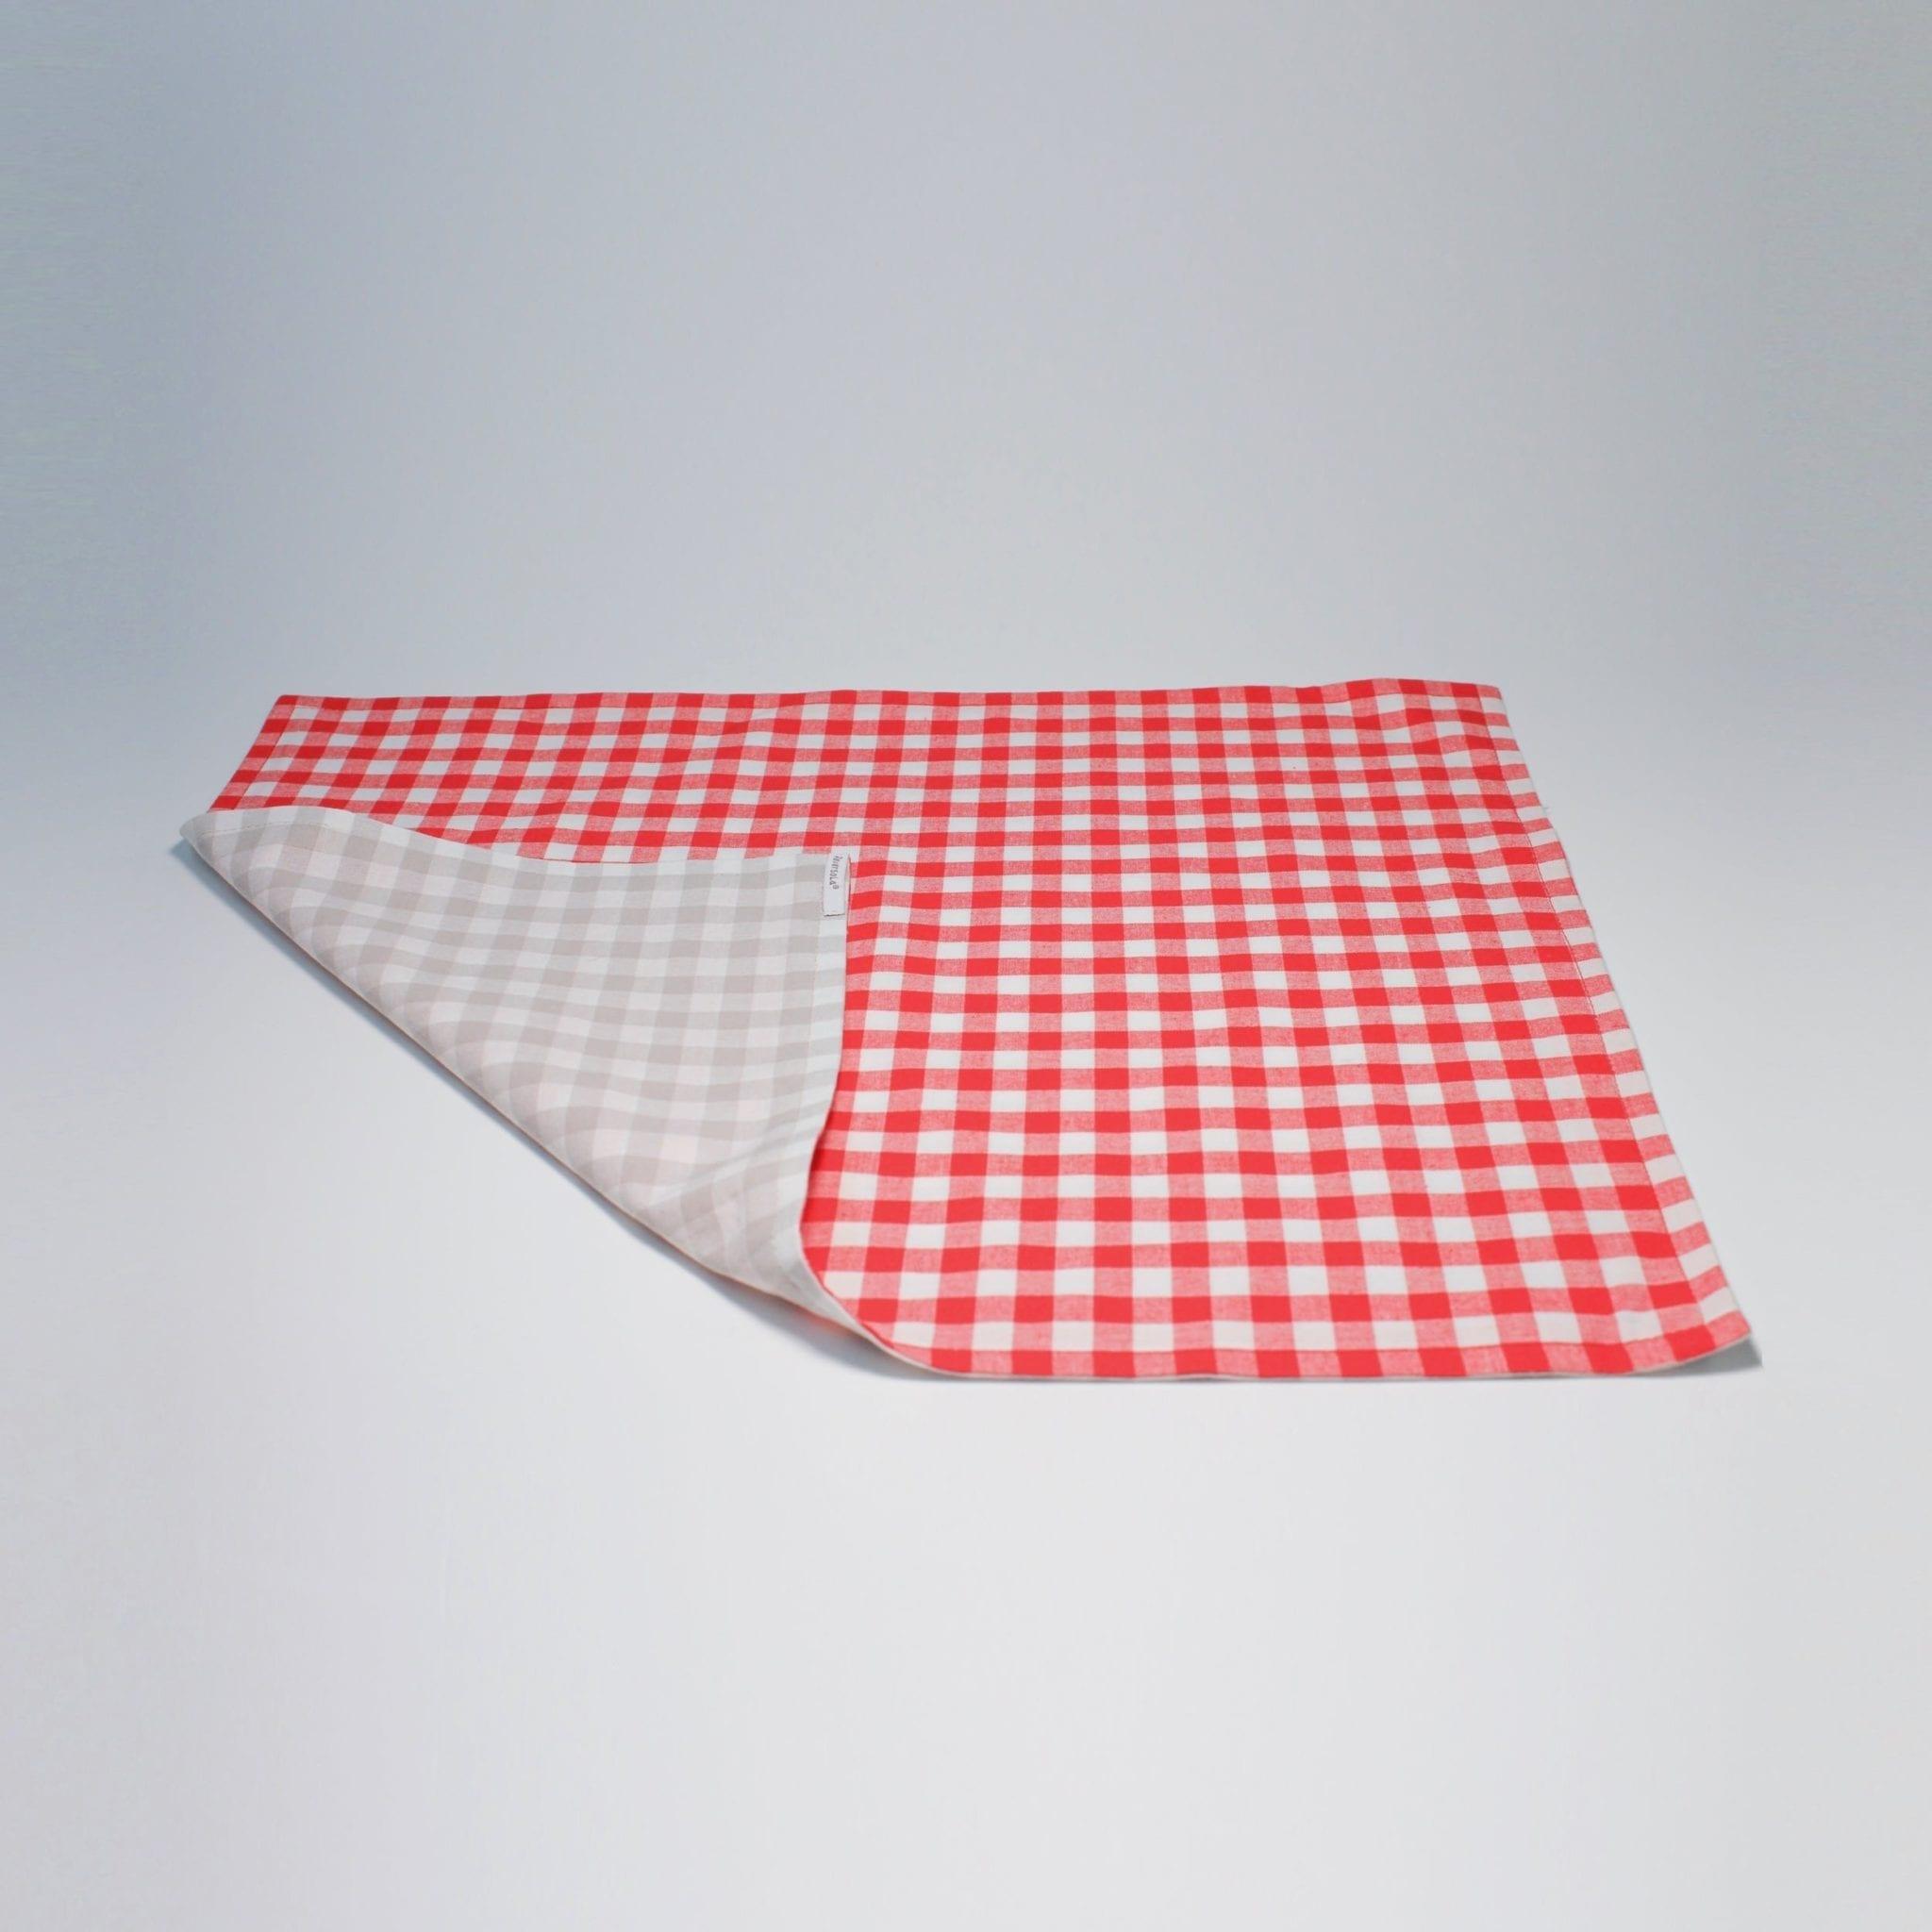 Berühmt Küchenzeile Tischsets Fotos - Küchen Design Ideen ...